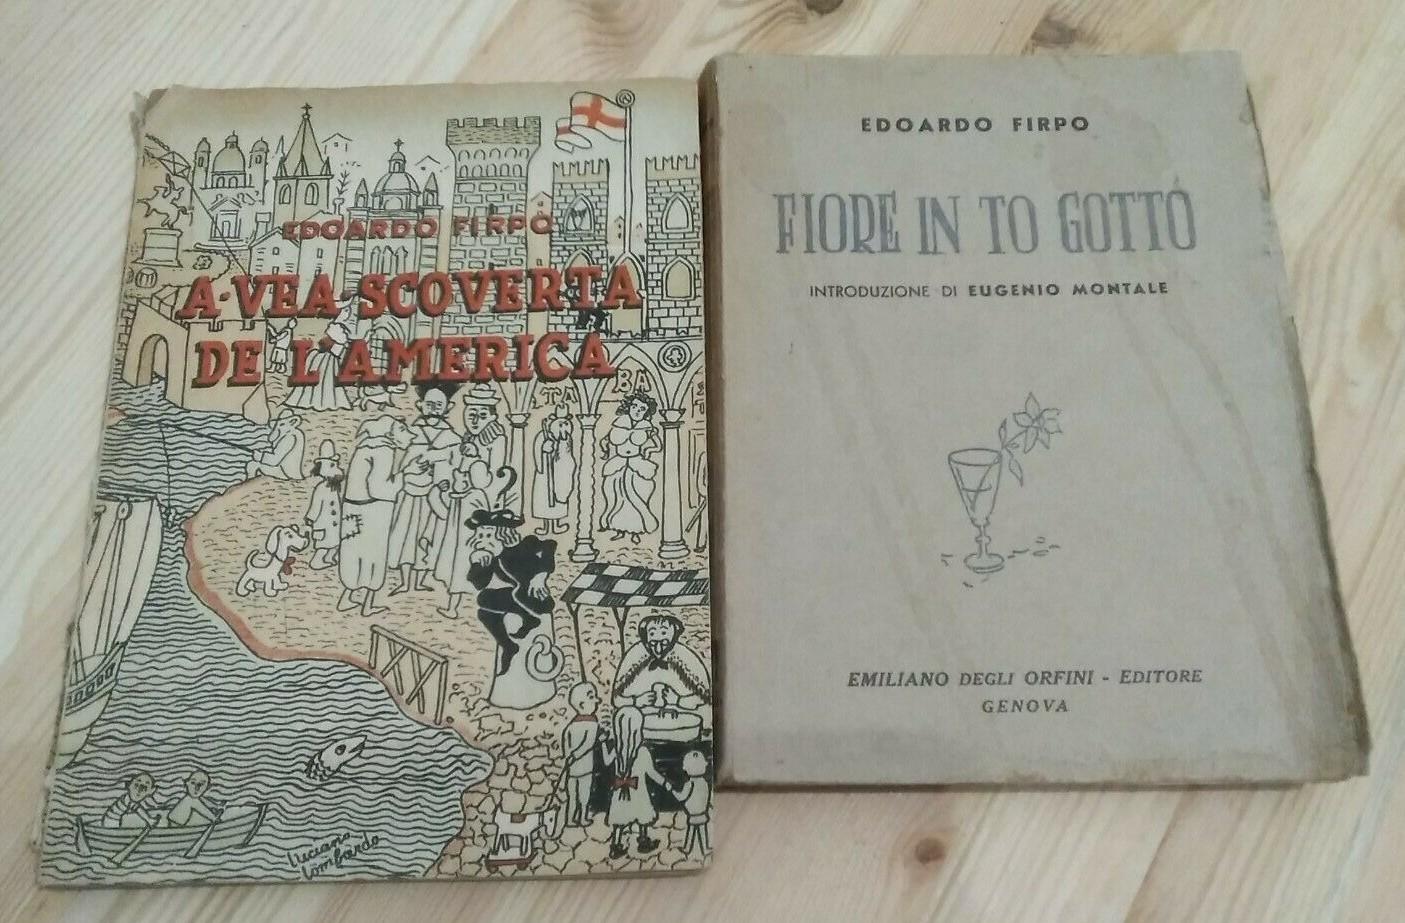 """Due opere rarissime del poeta Edoardo Firpo: """"Fiore in to Gotto"""" (1935) e """"A vea scoverta de l'America"""" (1946)"""